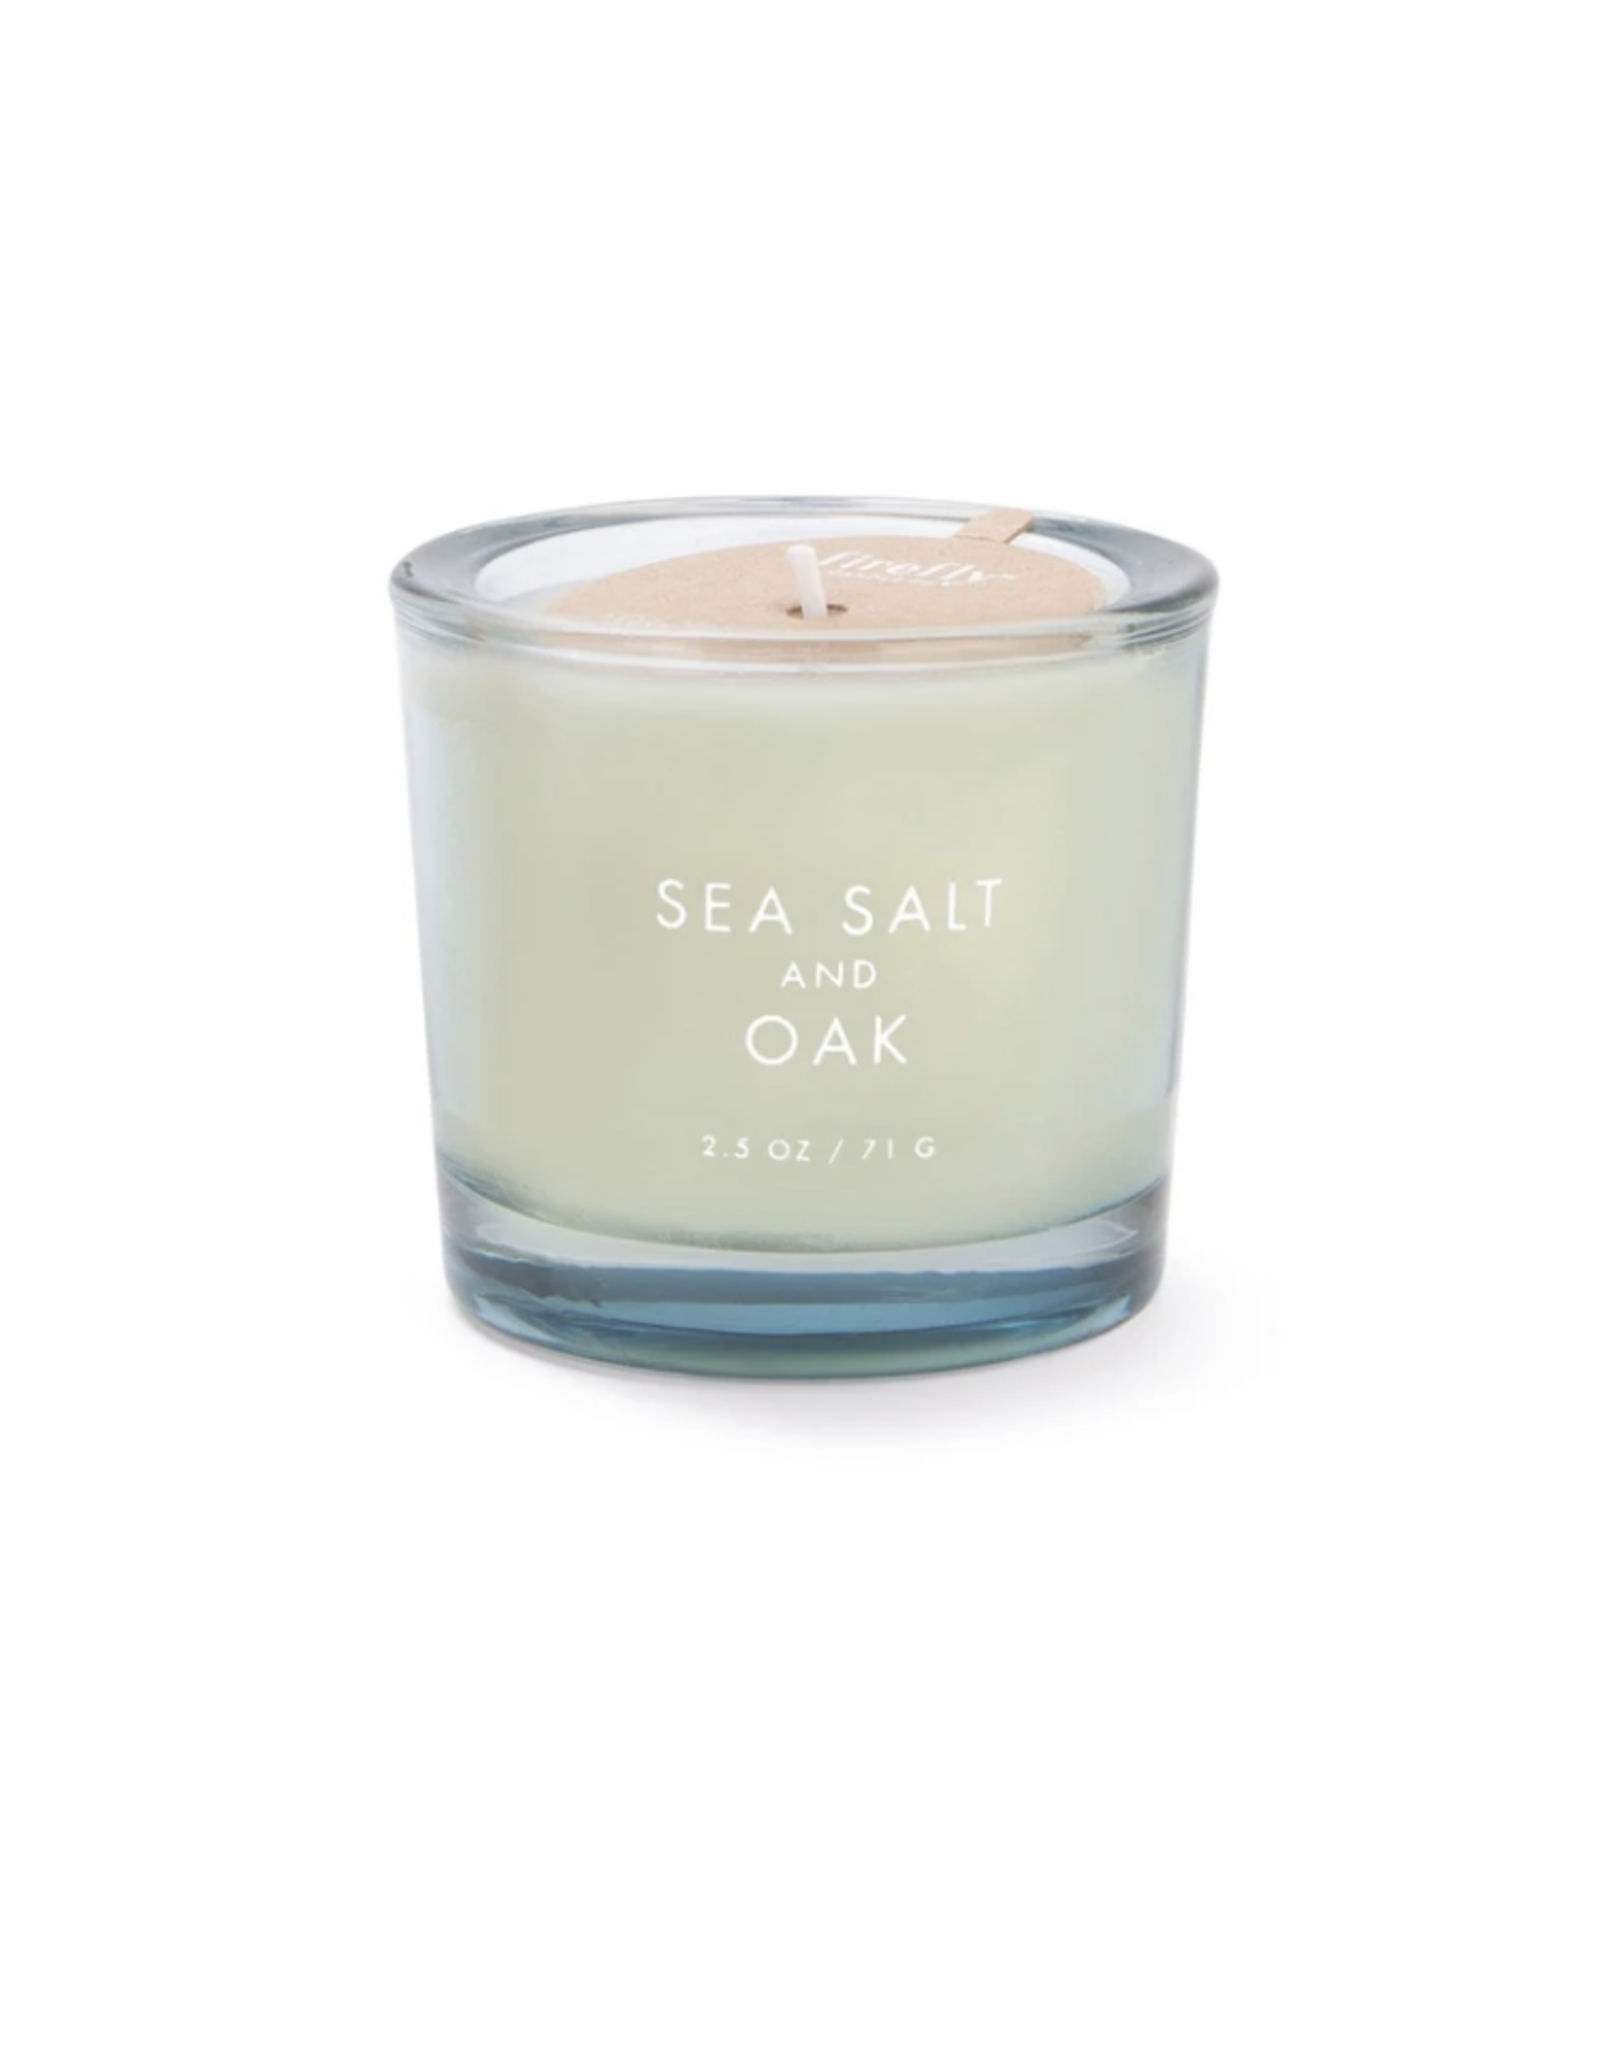 Firefly Botany 2.5oz Votive - Sea Salt + Oak